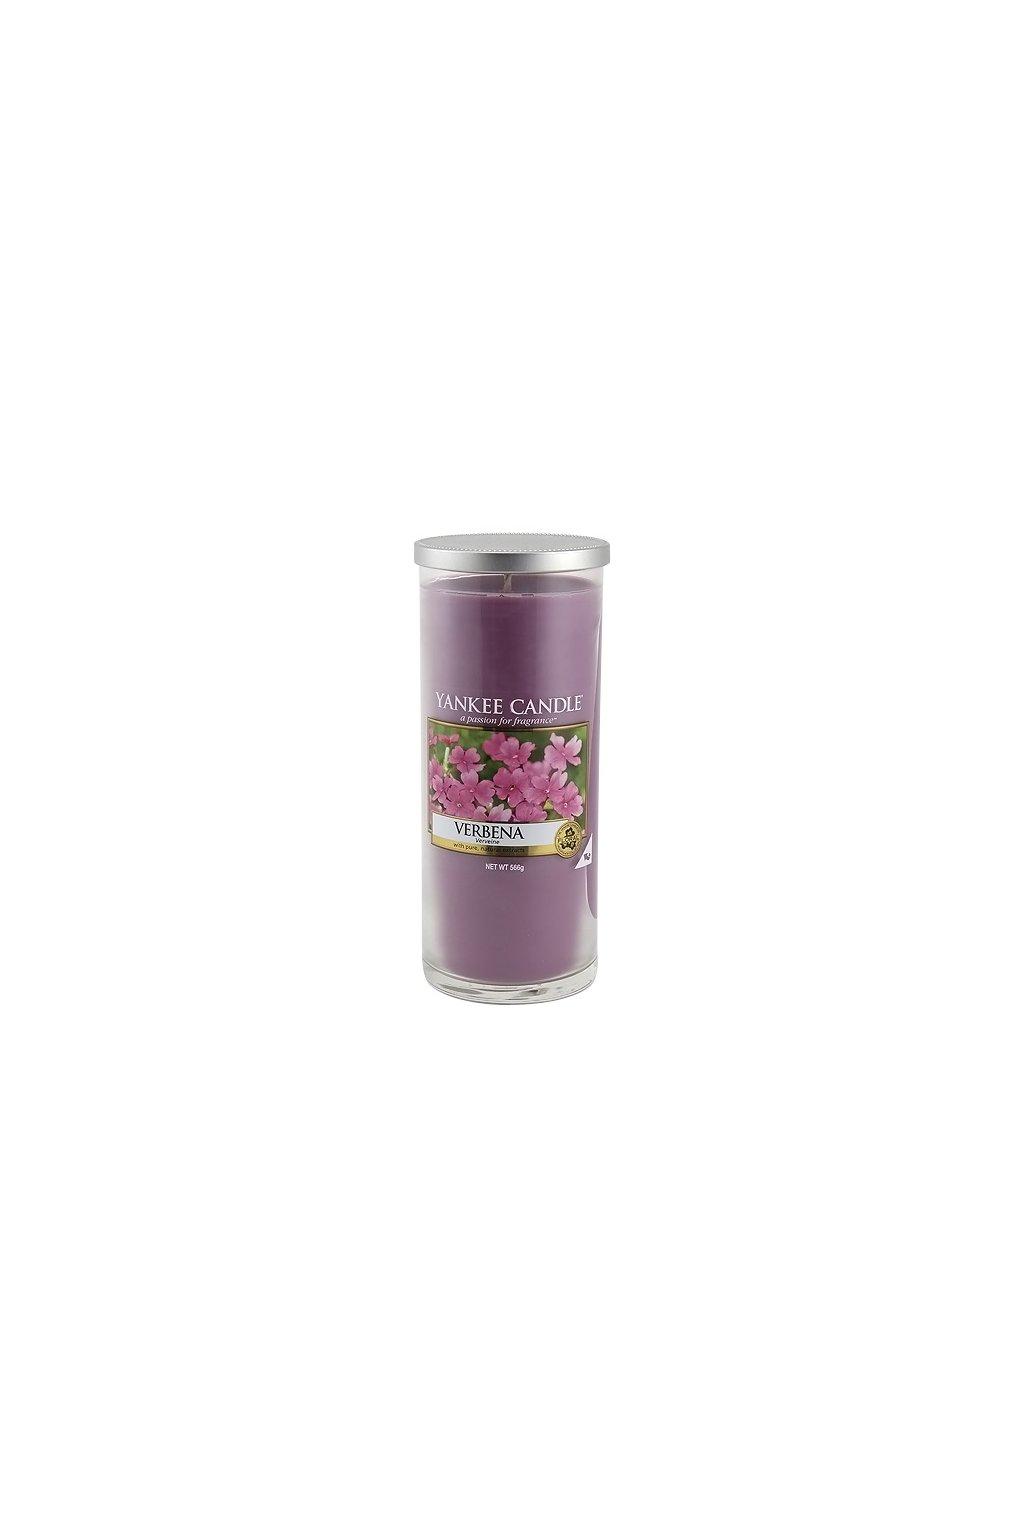 Svíčka ve skleněném válci Yankee Candle - Verbena